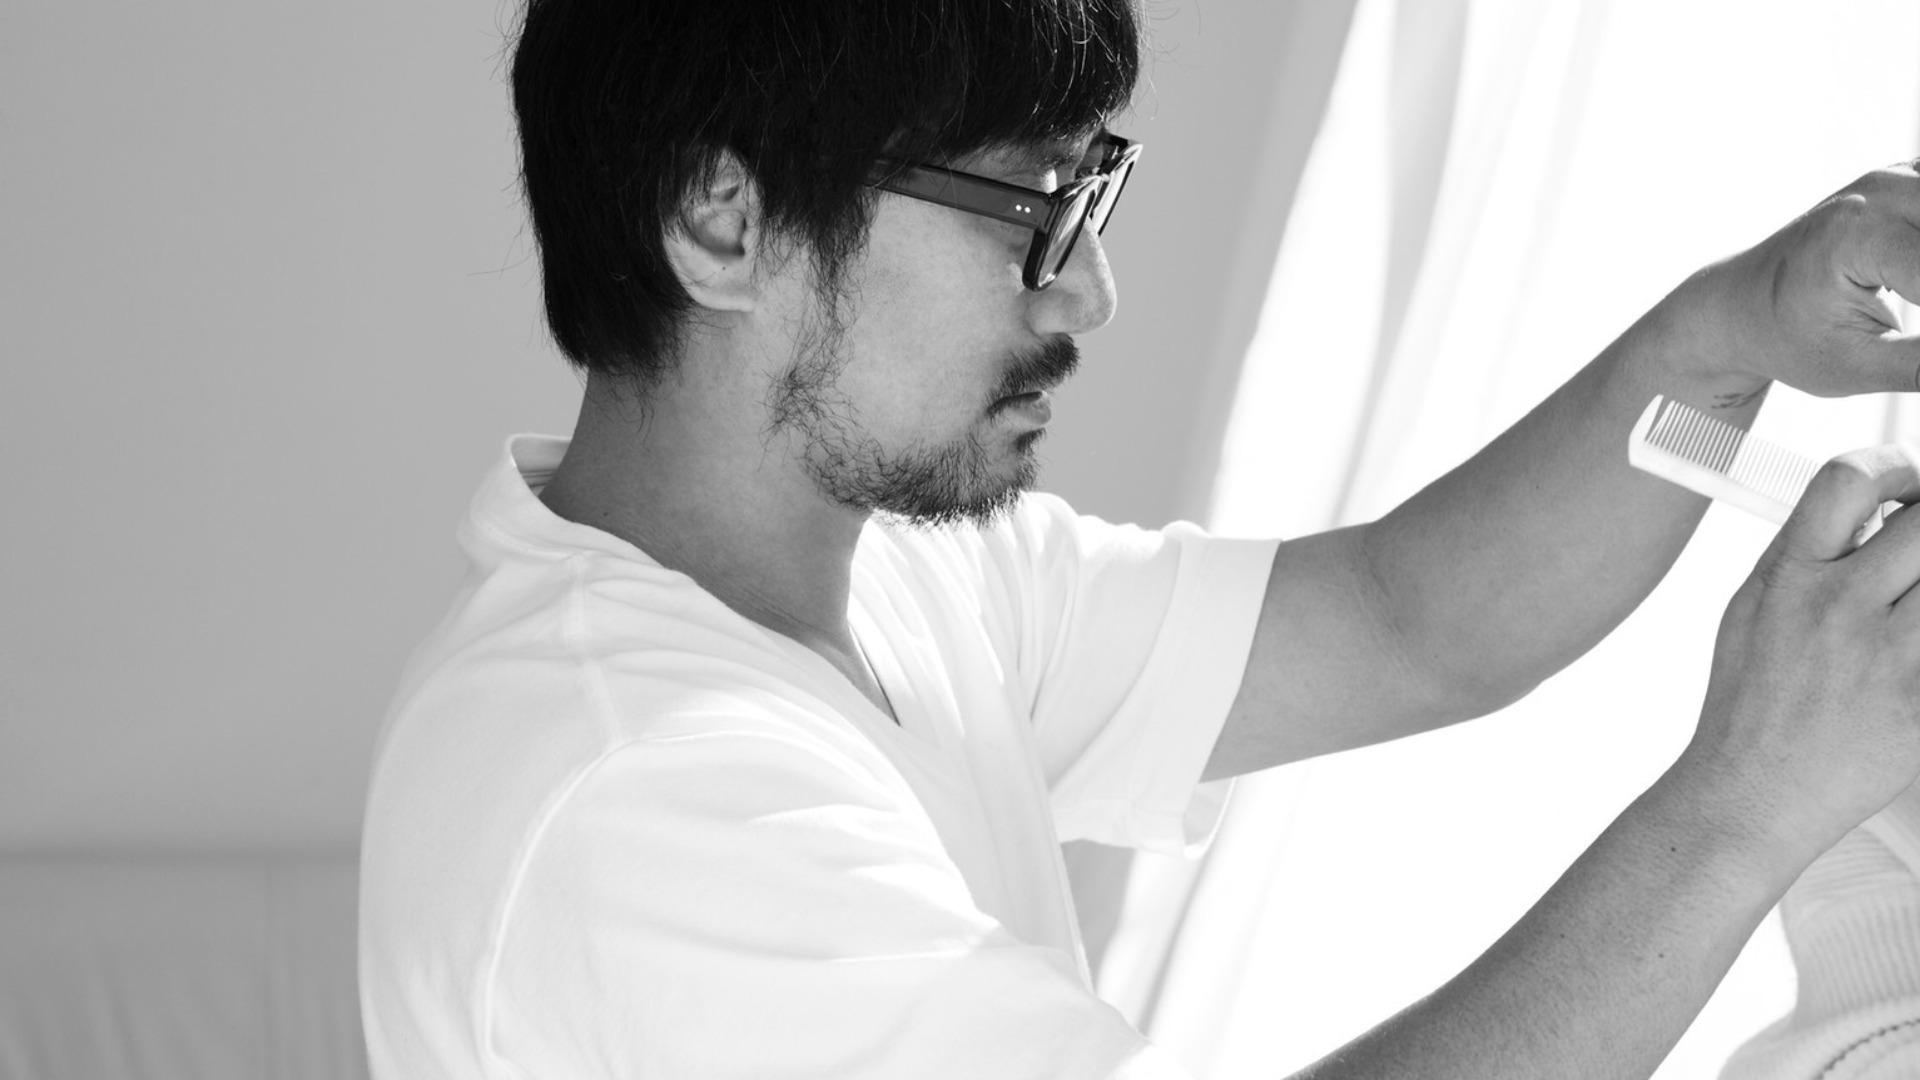 河北裕介 / YUSUKE KAWAKITA